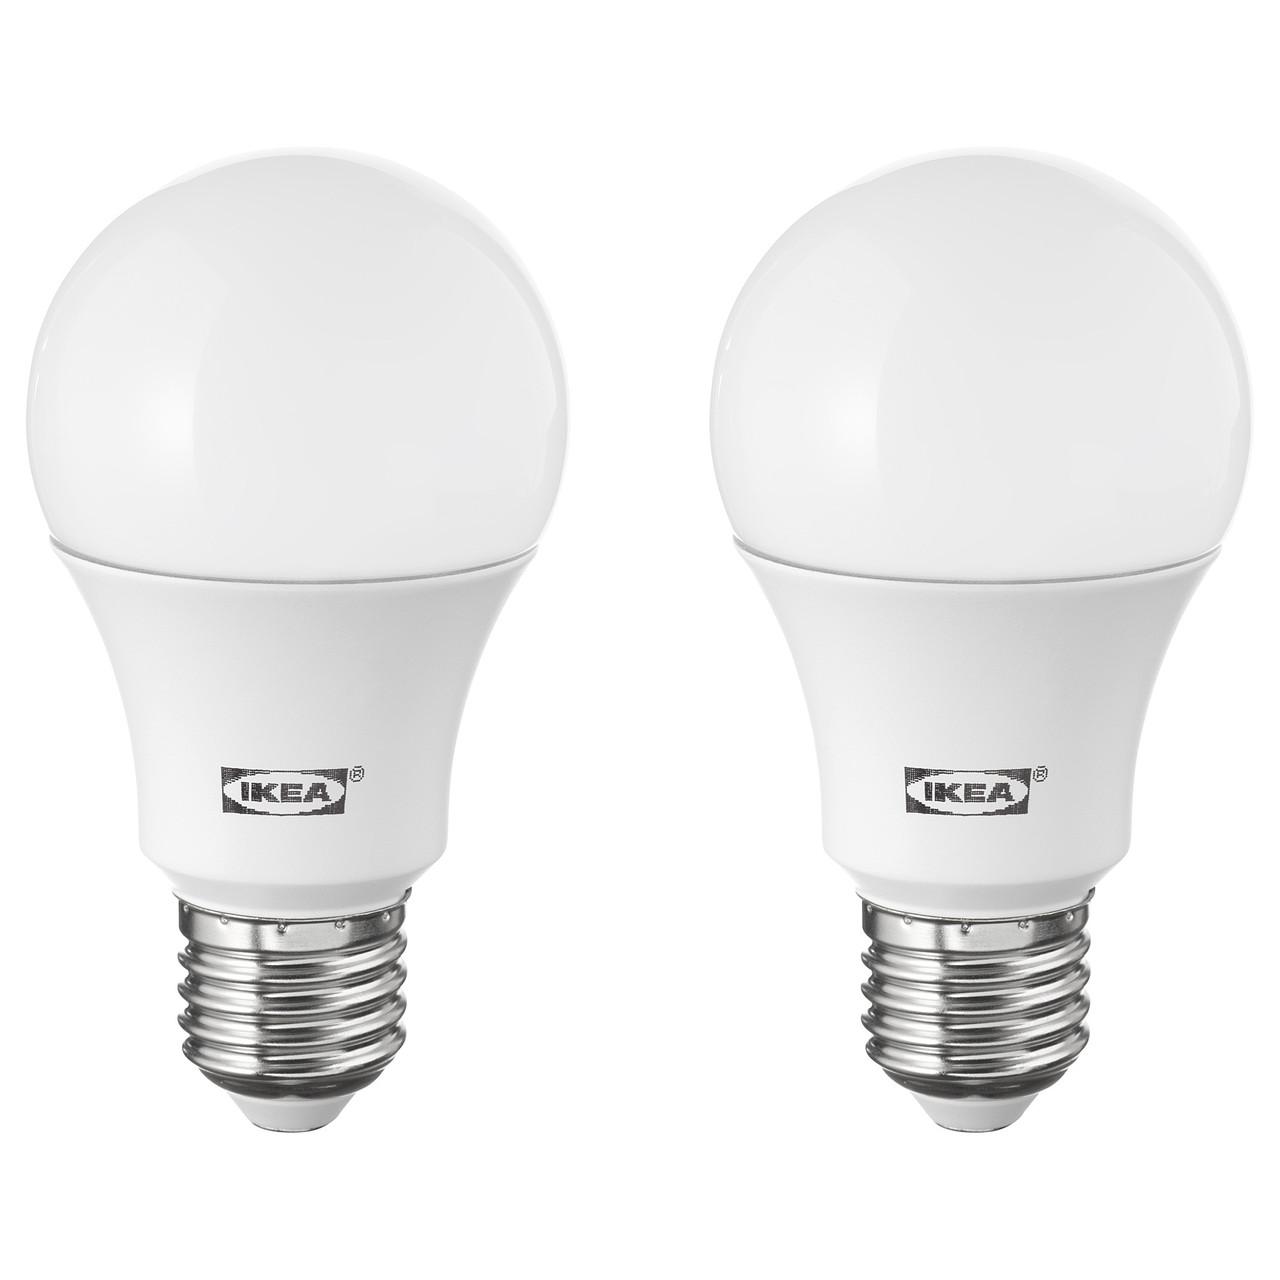 Светодиодная лампа IKEA RYET E27 1000 люмен шарообразная белая 003.632.65